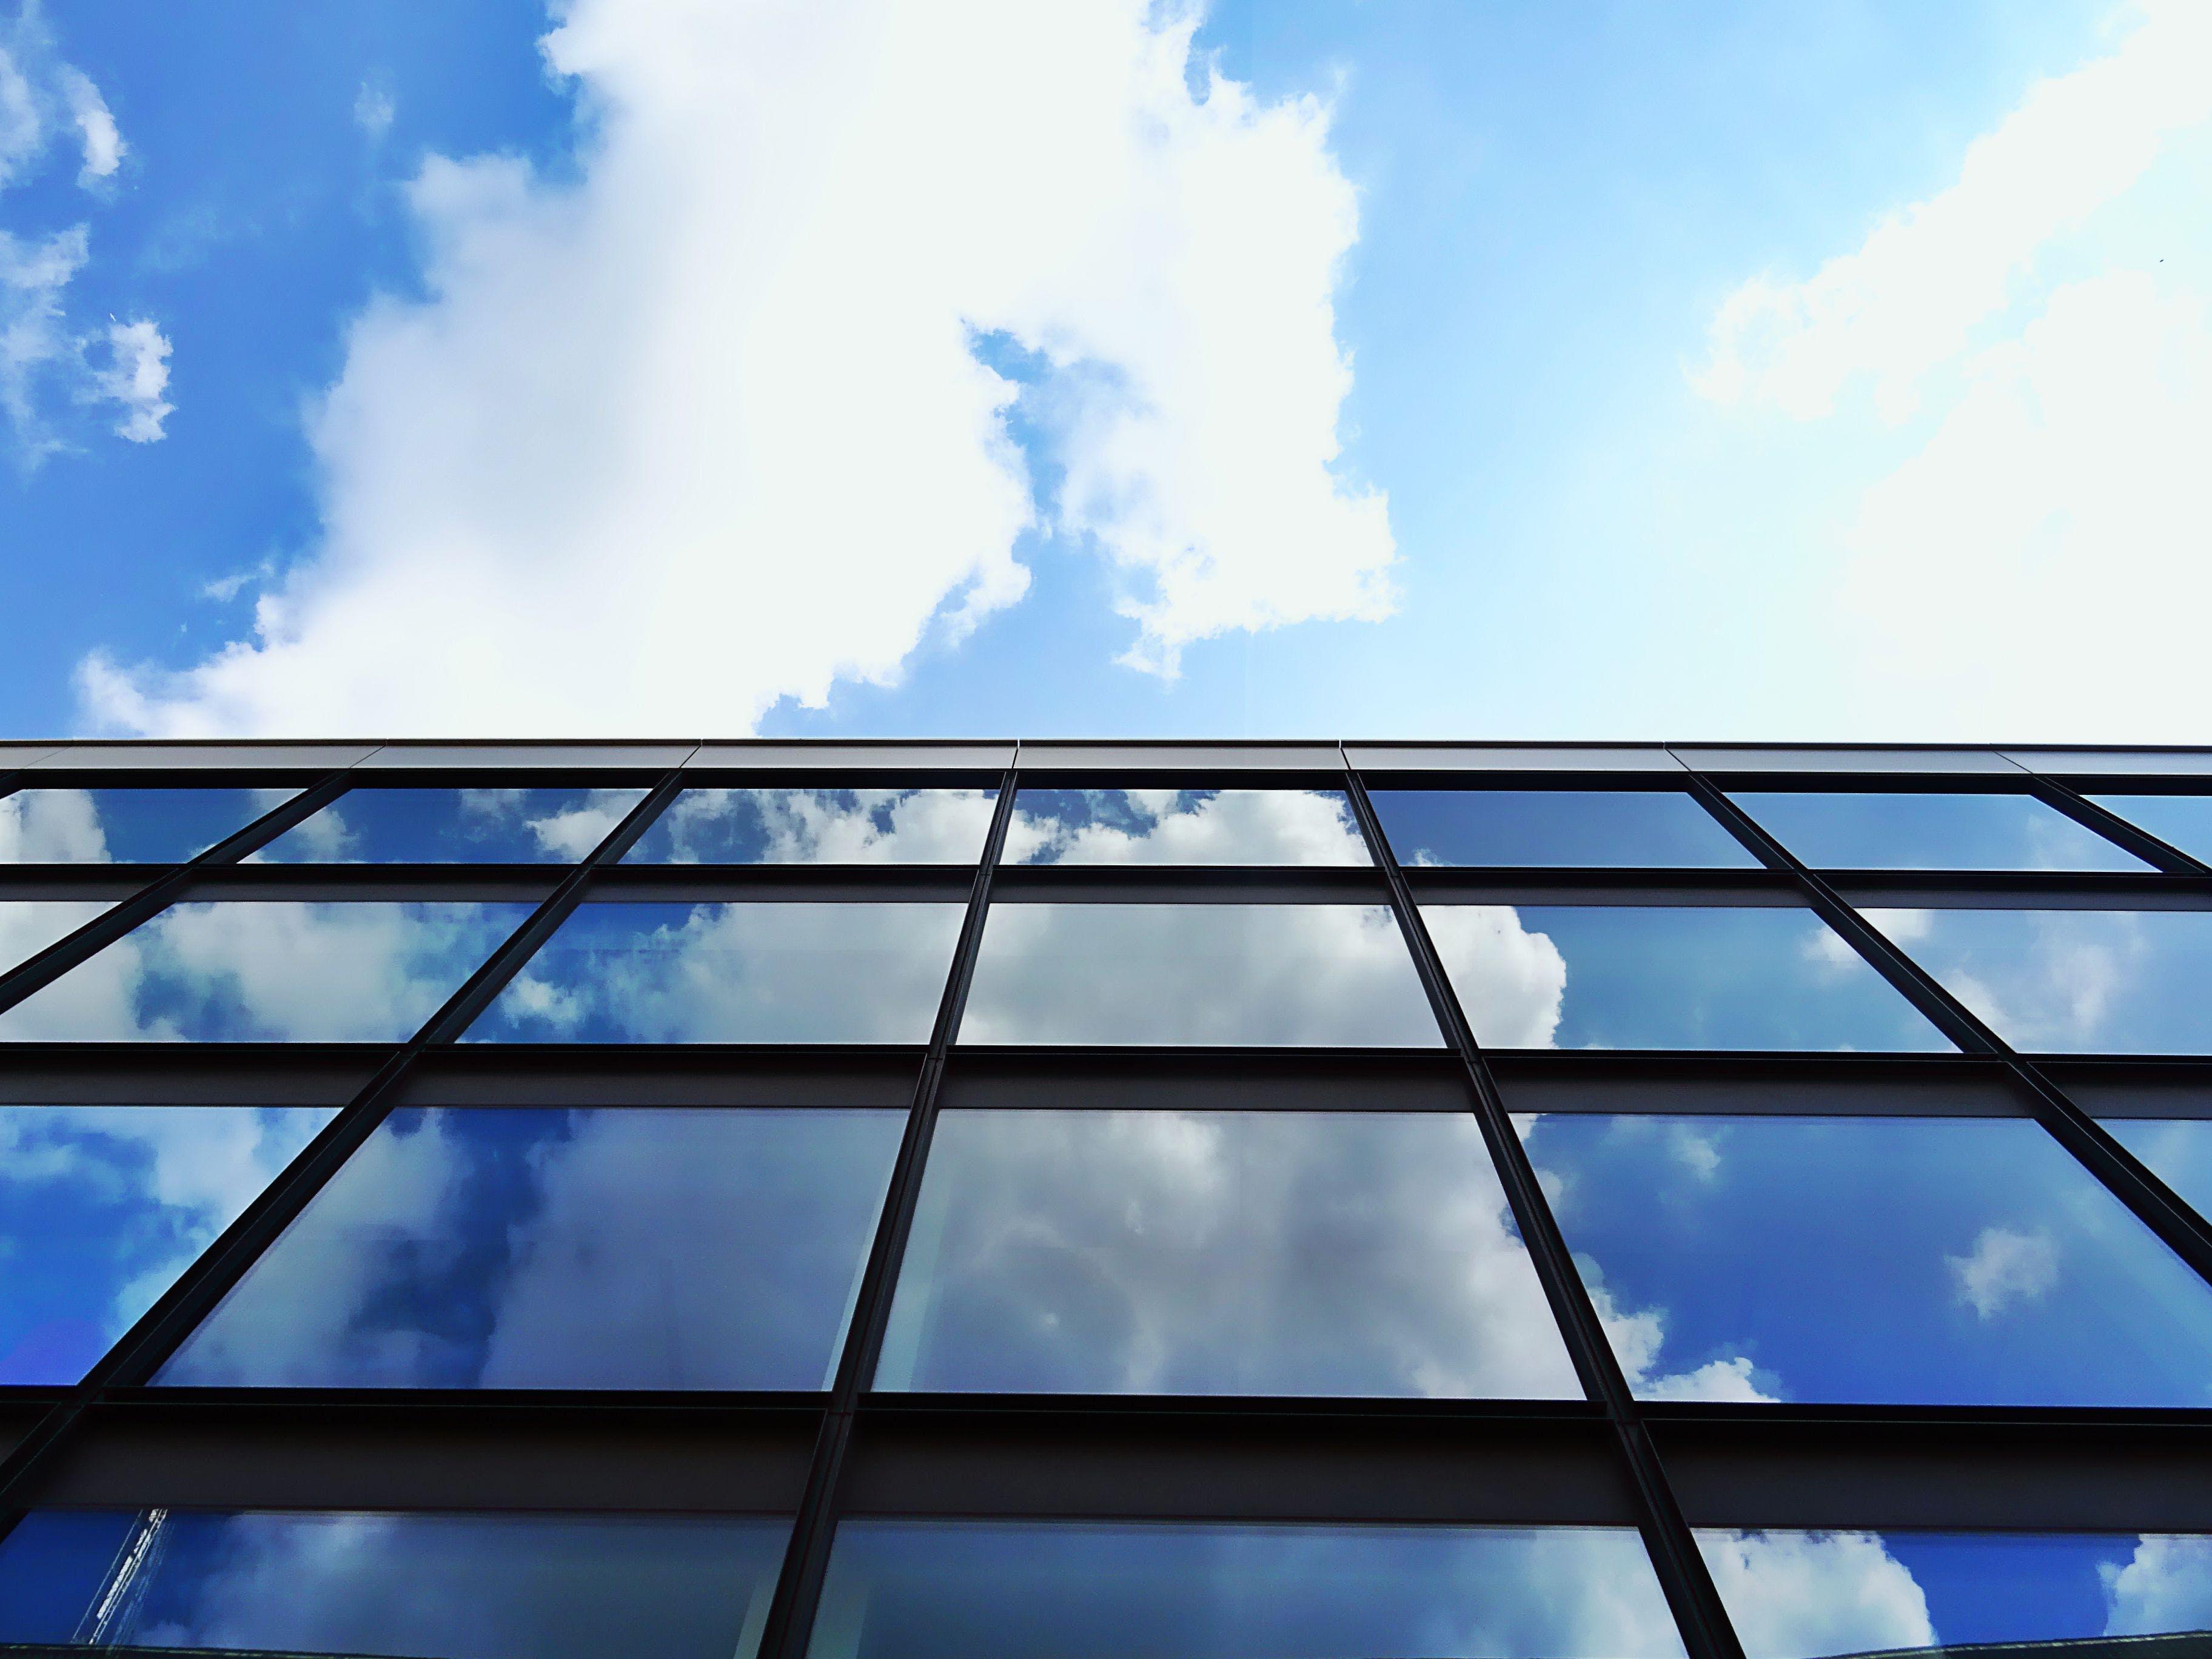 Foto d'estoc gratuïta de arquitectura, articles de vidre, cel, edifici